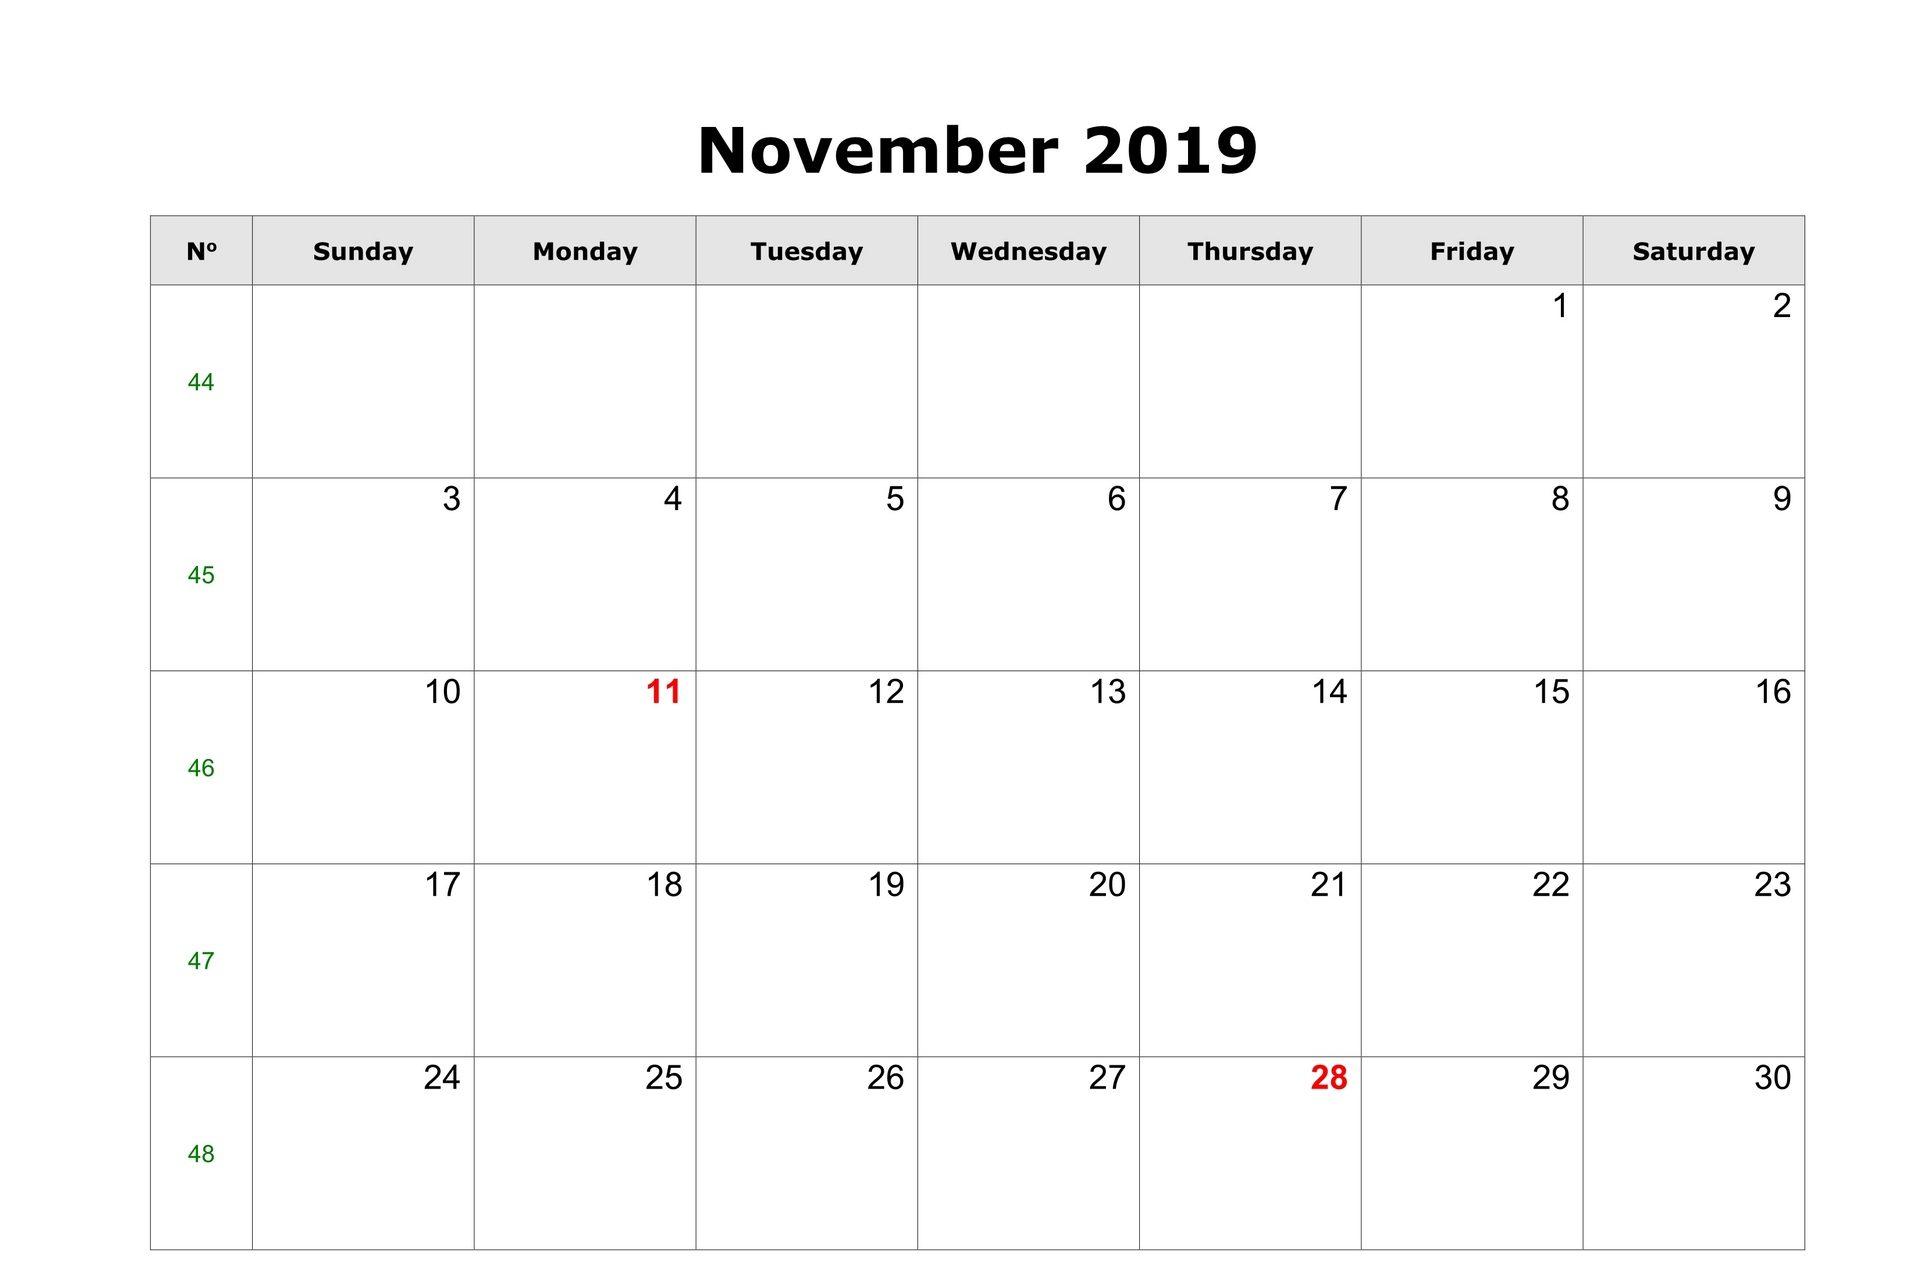 Fillable November Calendar 2019 with Notes